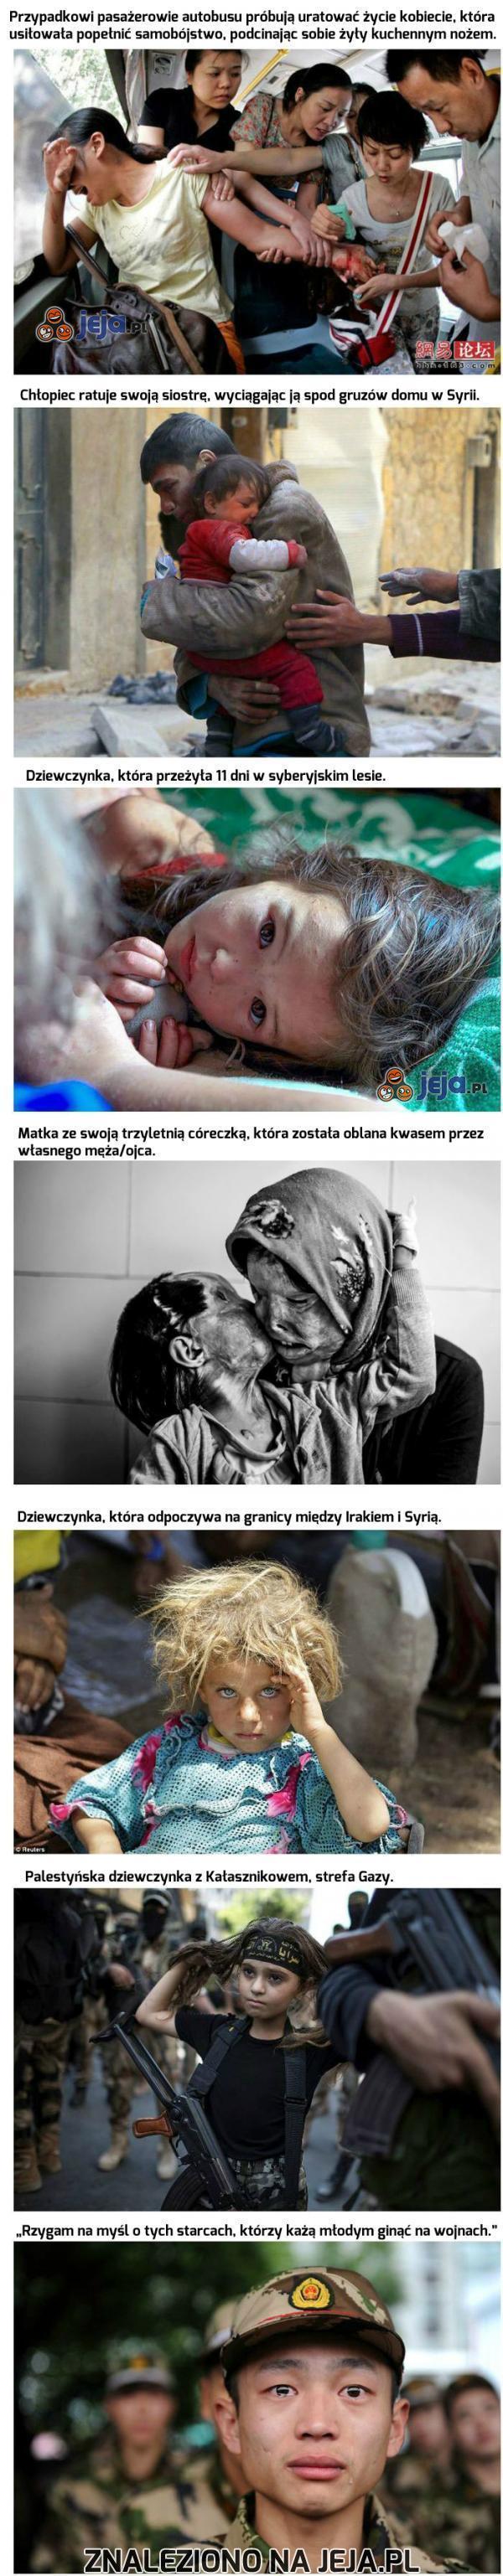 Niech te zdjęcia otworzą Ci oczy...